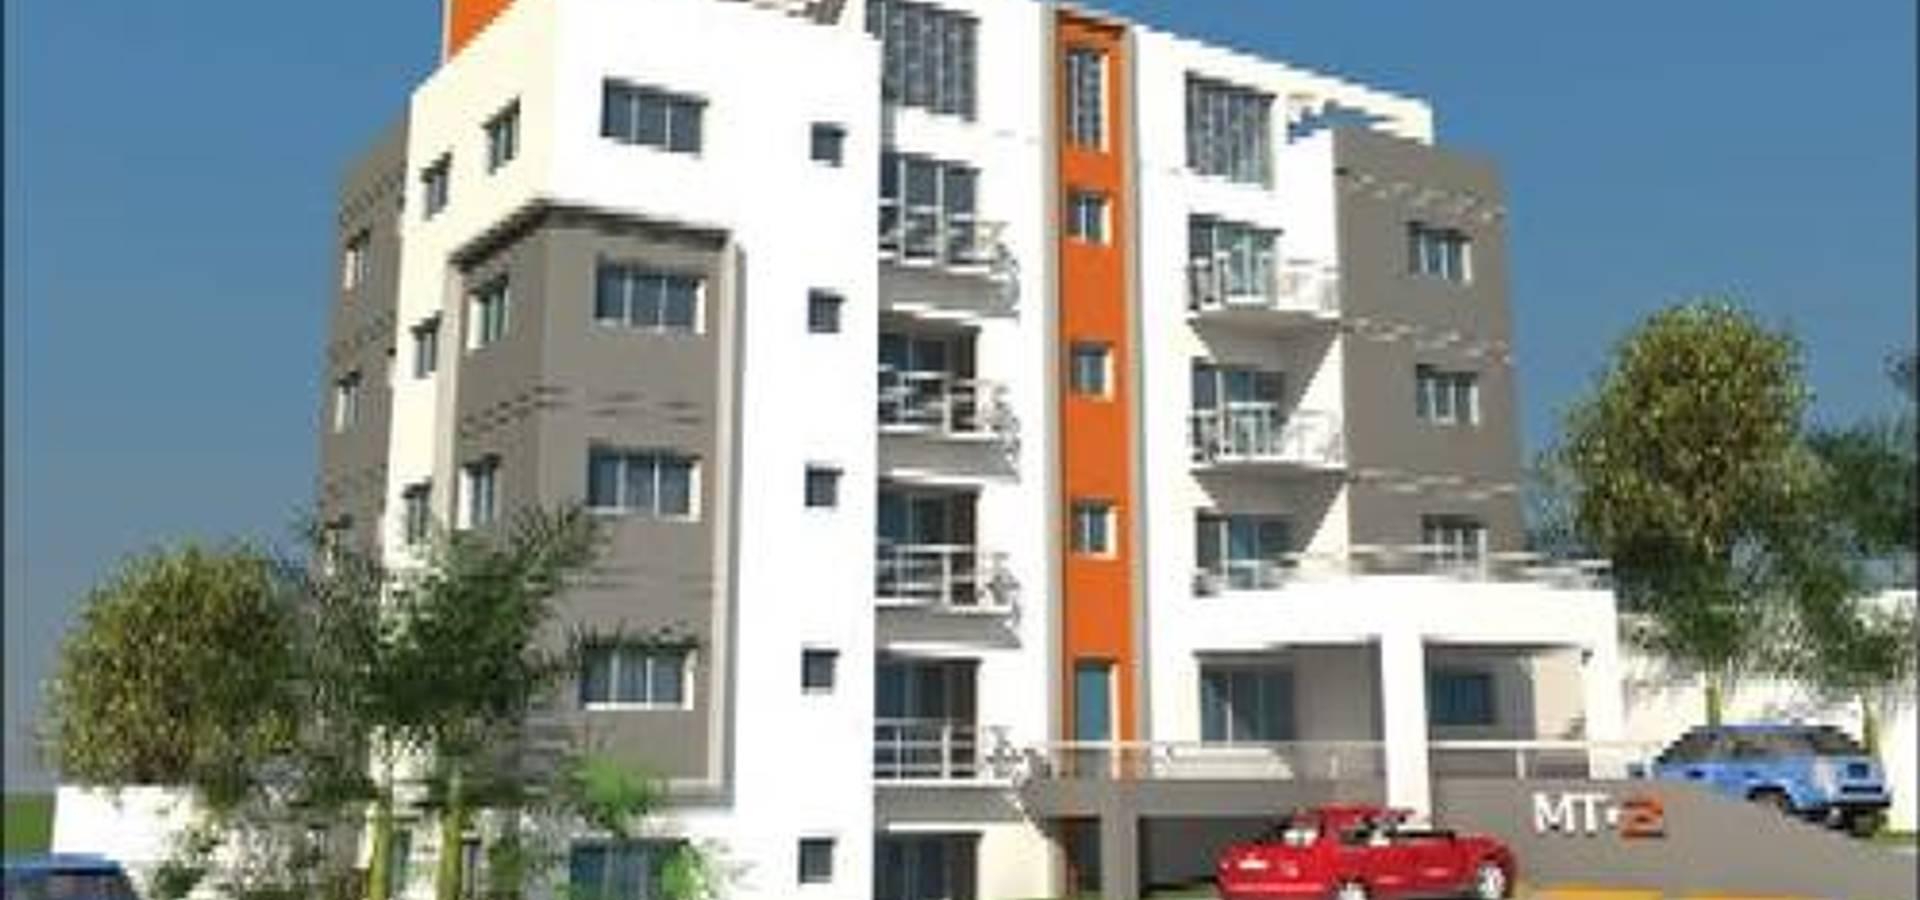 Villarreal Arquitectos y Urbanistas Asociados S.C.